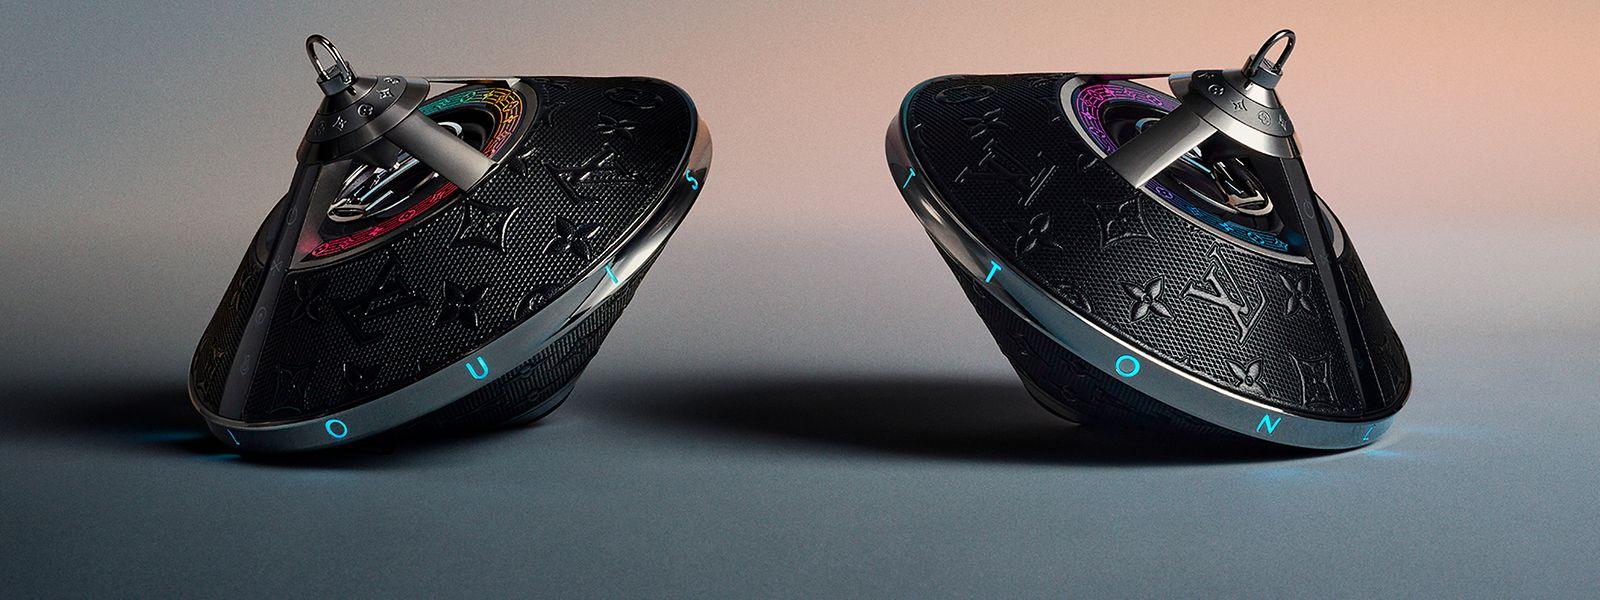 Ein Technik-Gadget von Louis Vuitton: Was genau dahinter steckt, erfahren Sie weiter unten ...